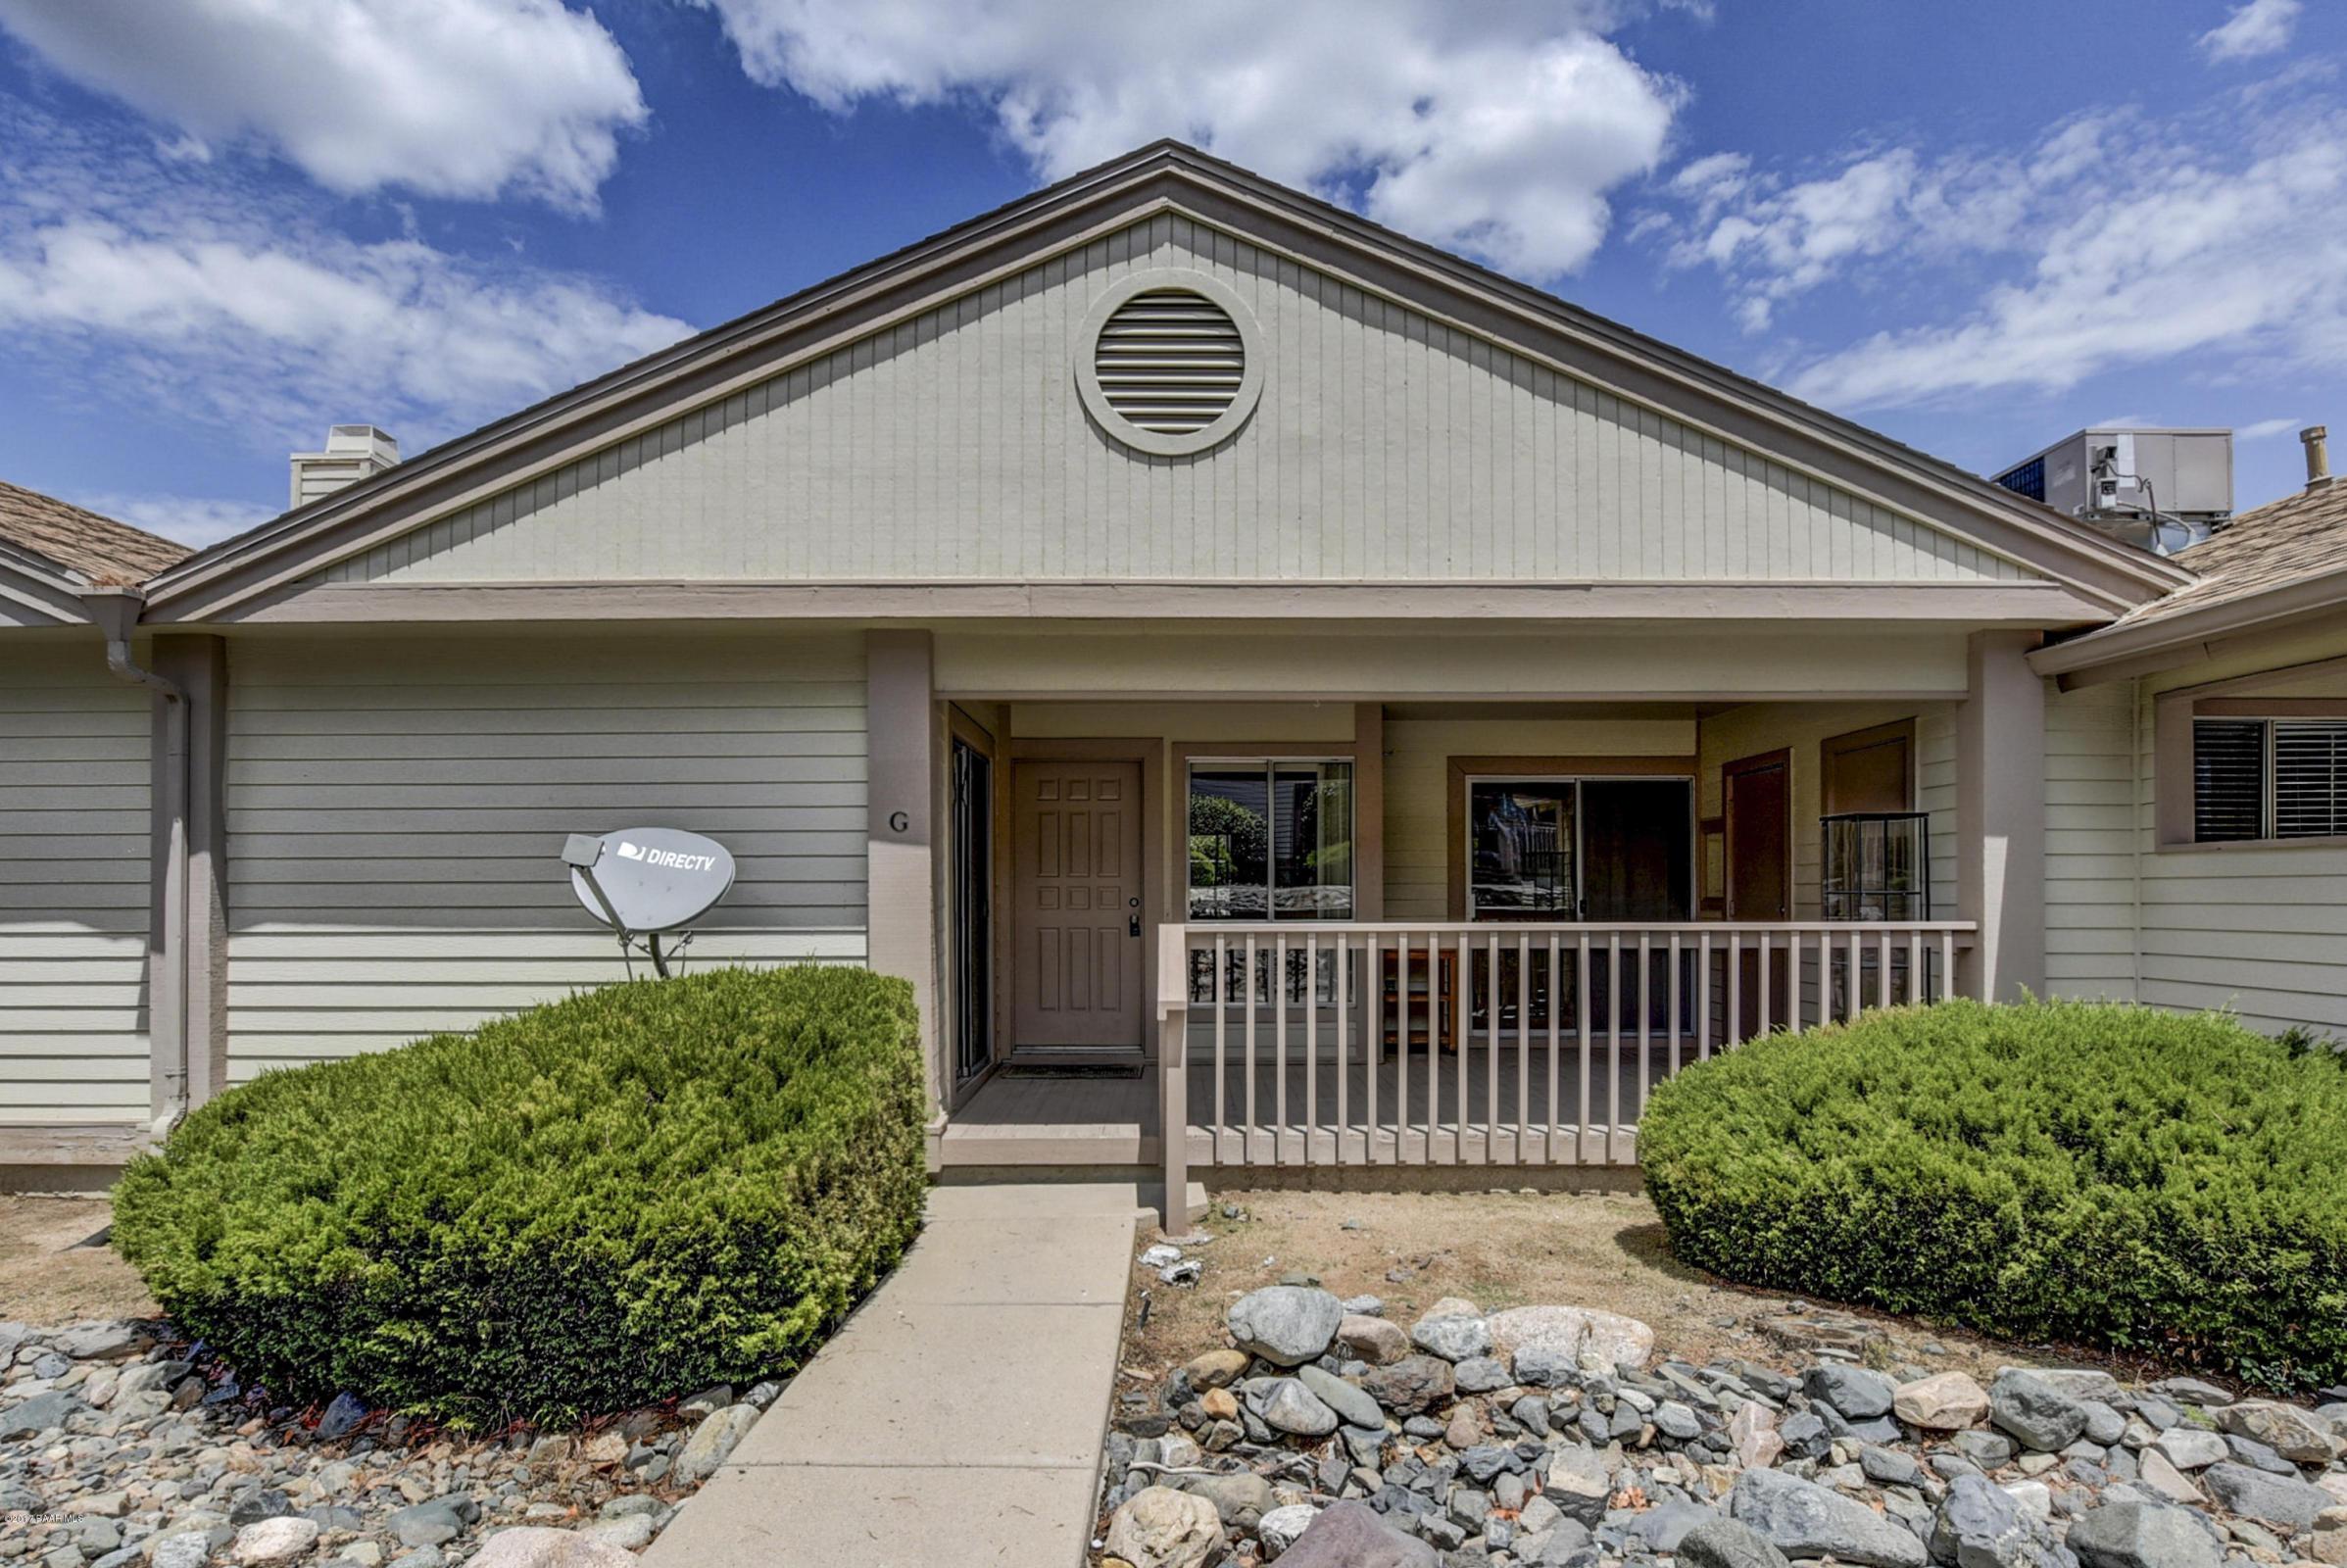 3080 Shoshone Place 9-G, Prescott, AZ 86301 – PENDING